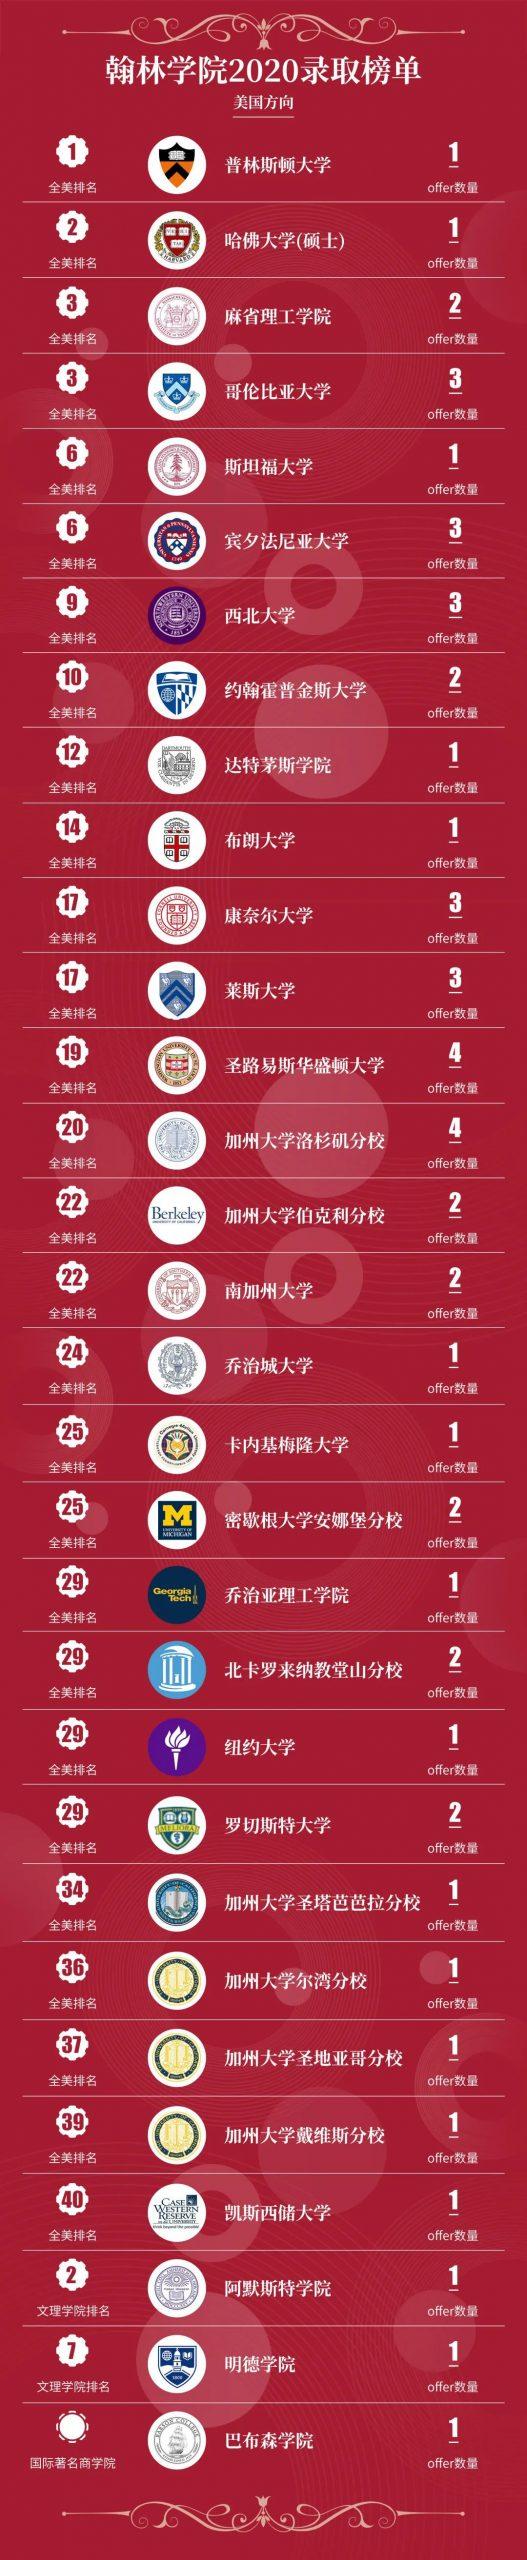 恭喜翰林学院携手美股上市教育集团博实乐,共同打造国际教育第一品牌!